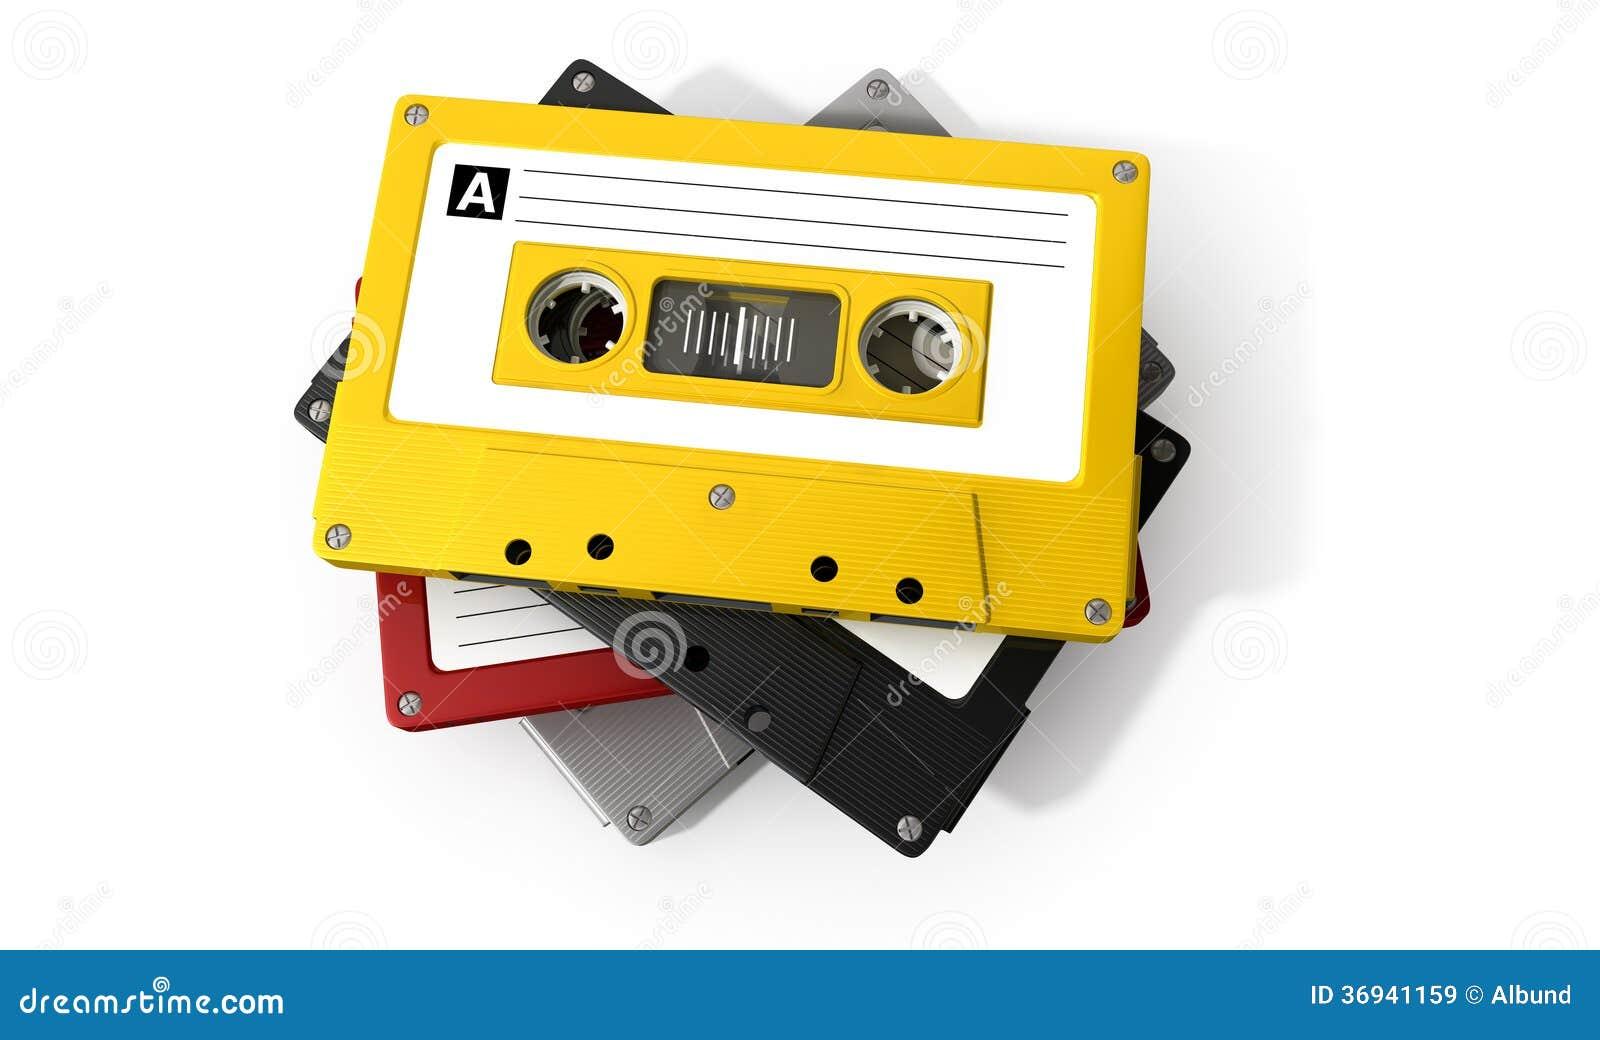 堆卡型盒式录音机磁带